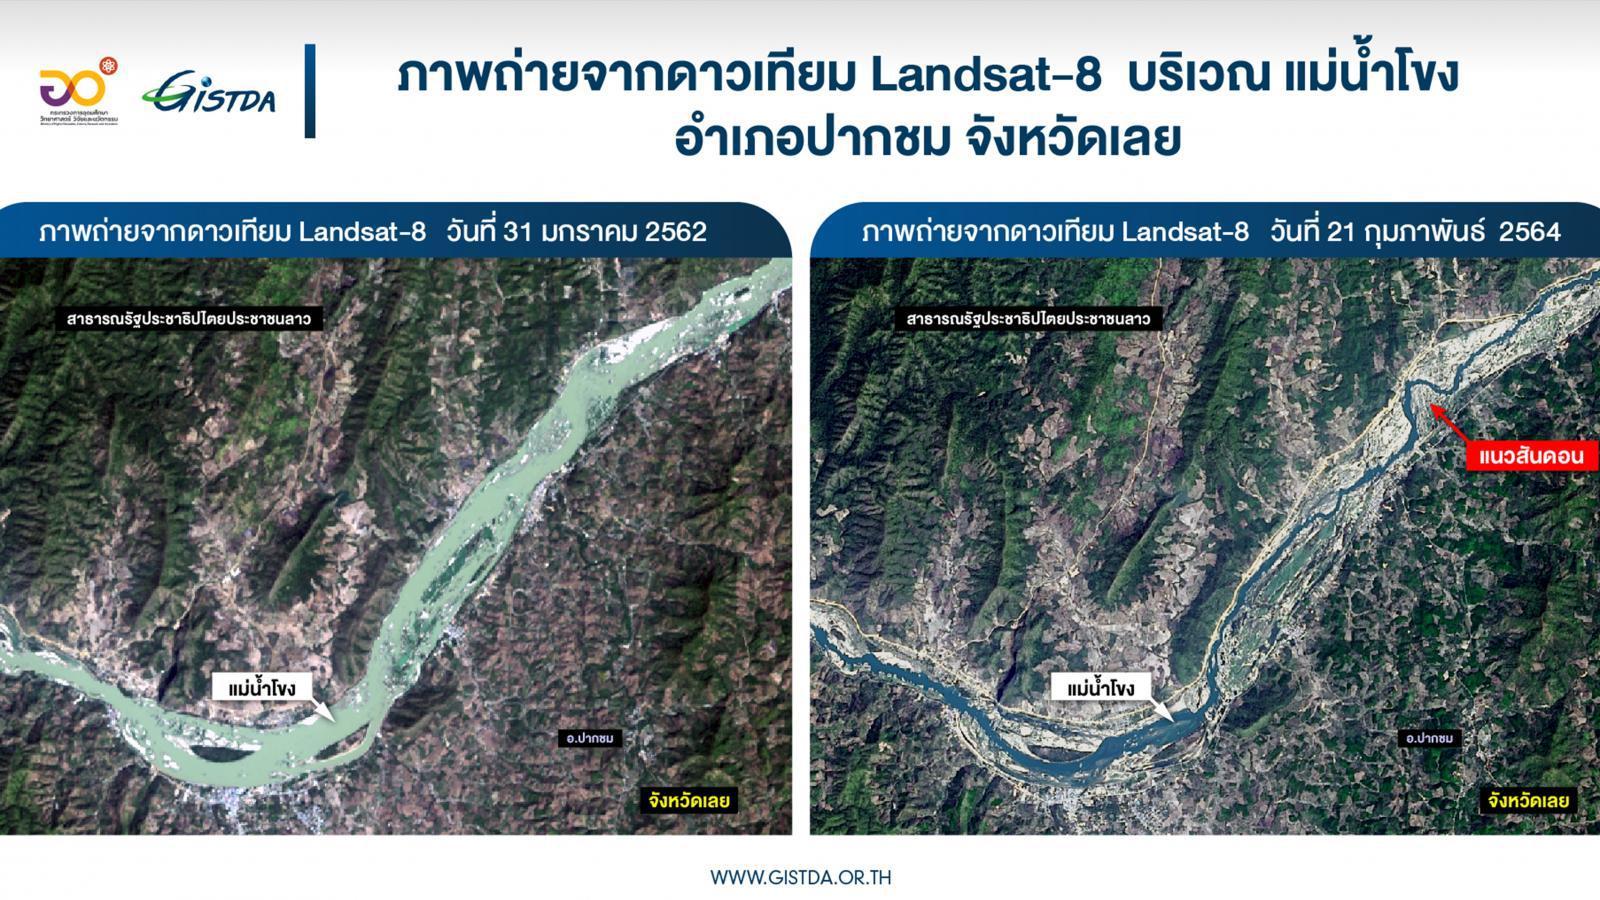 วิกฤตแม่น้ำโขง จิสด้า เผยภาพถ่ายจากดาวเทียม